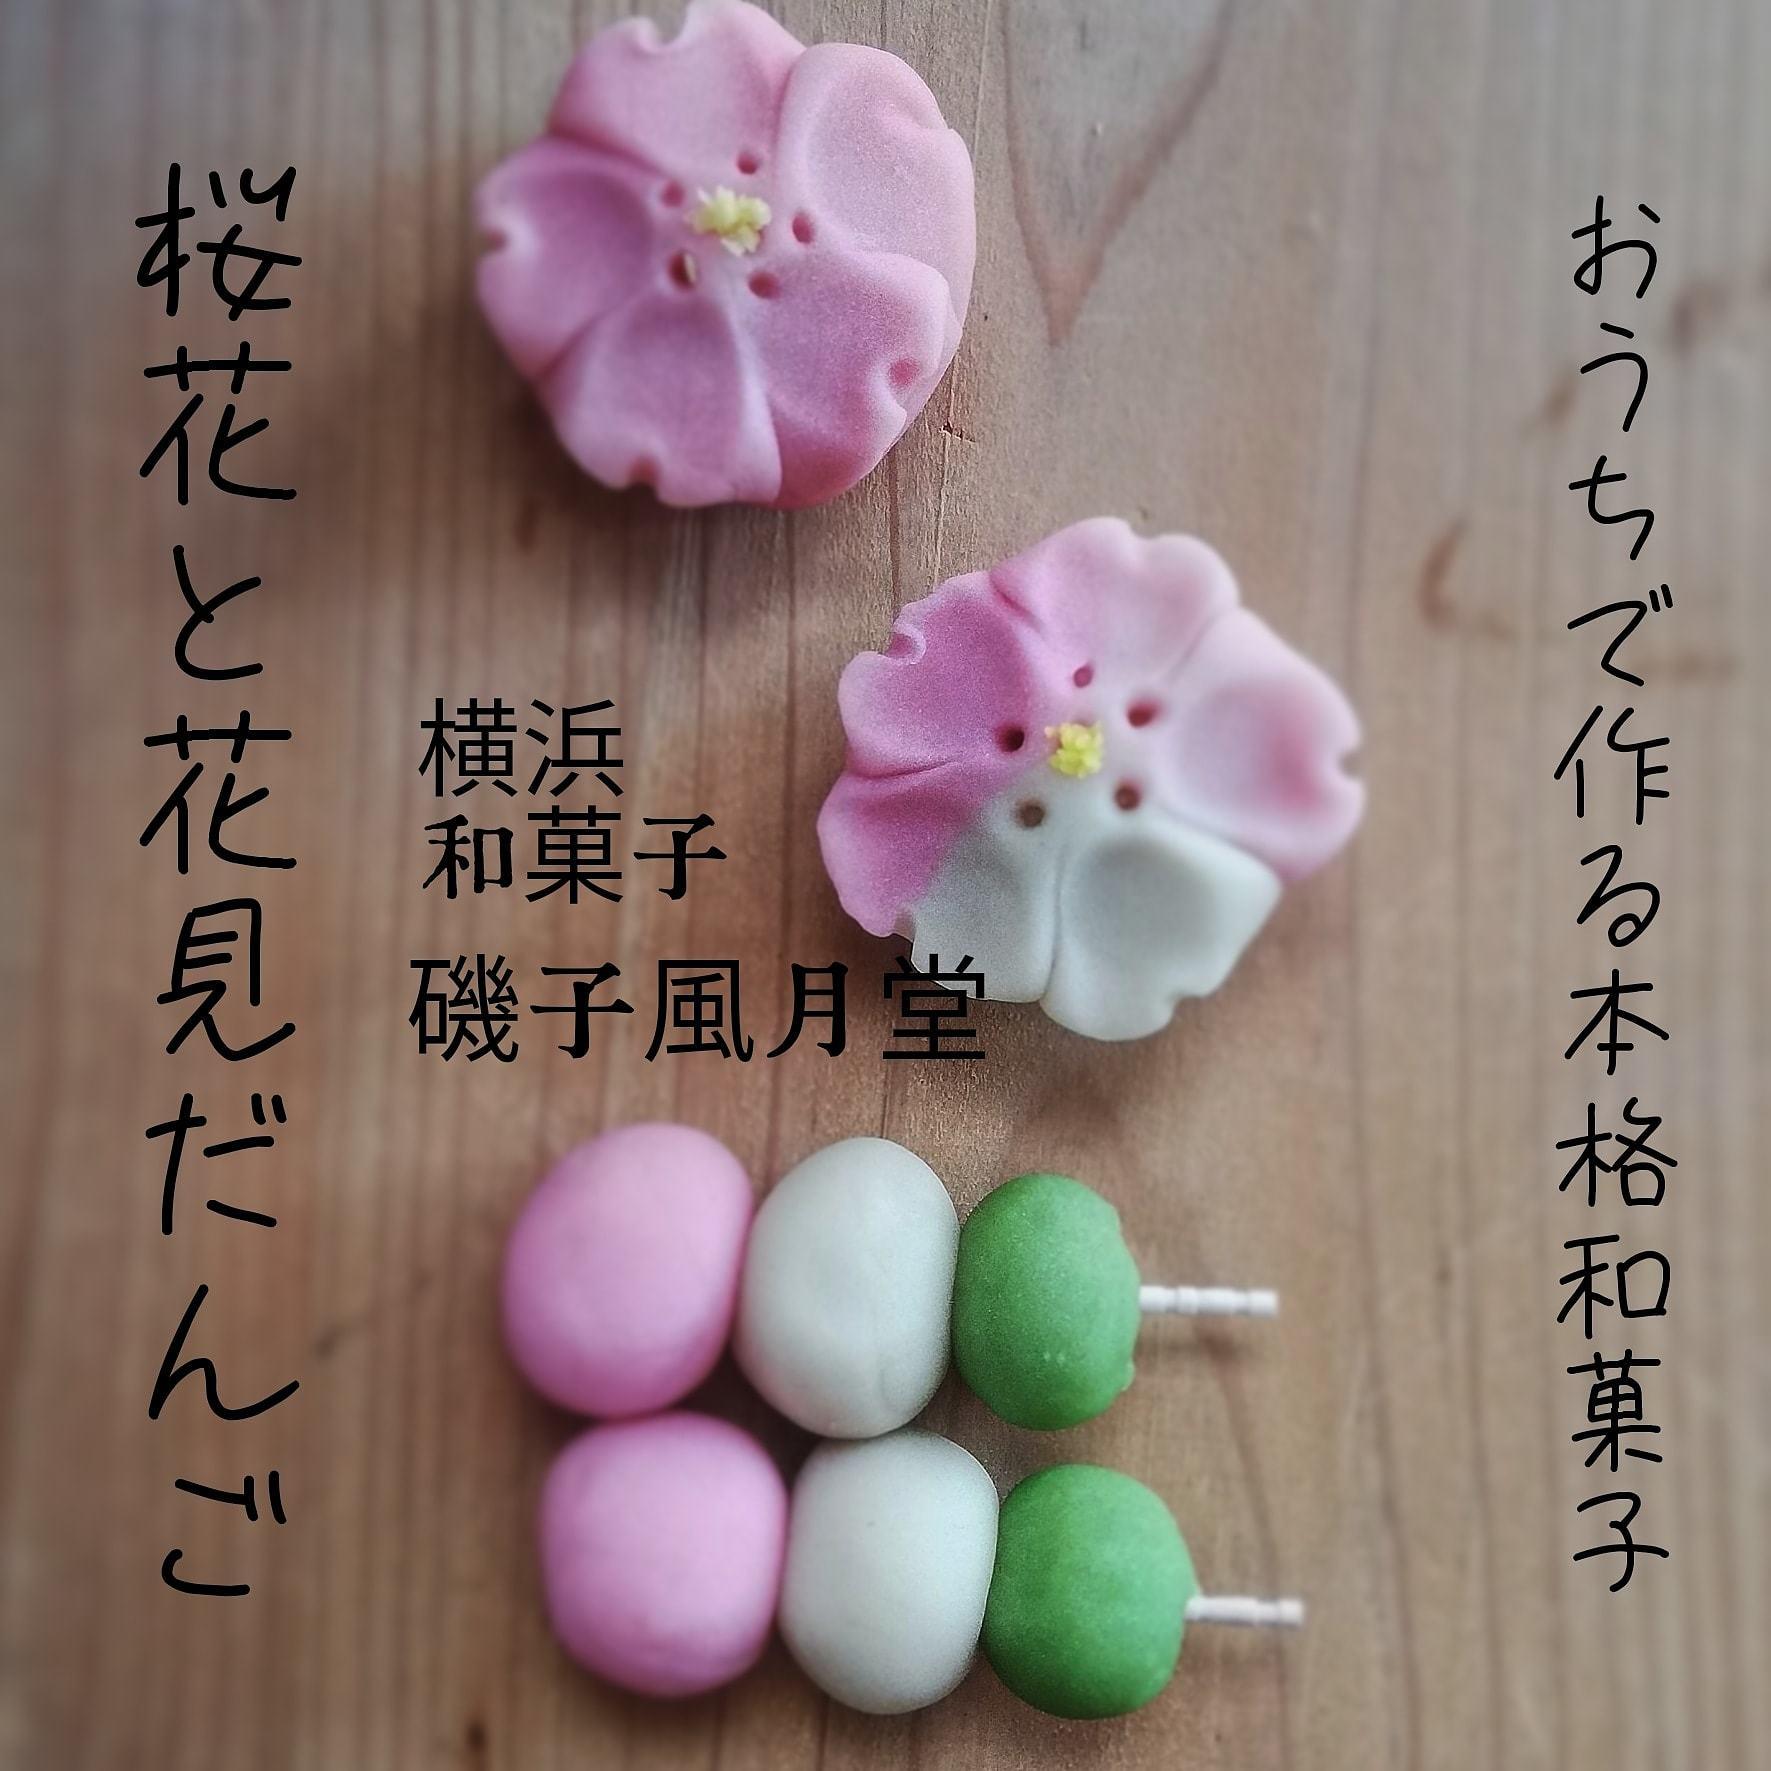 おうちで和菓子 和菓子キット 磯子風月堂_e0092594_22565579.jpg